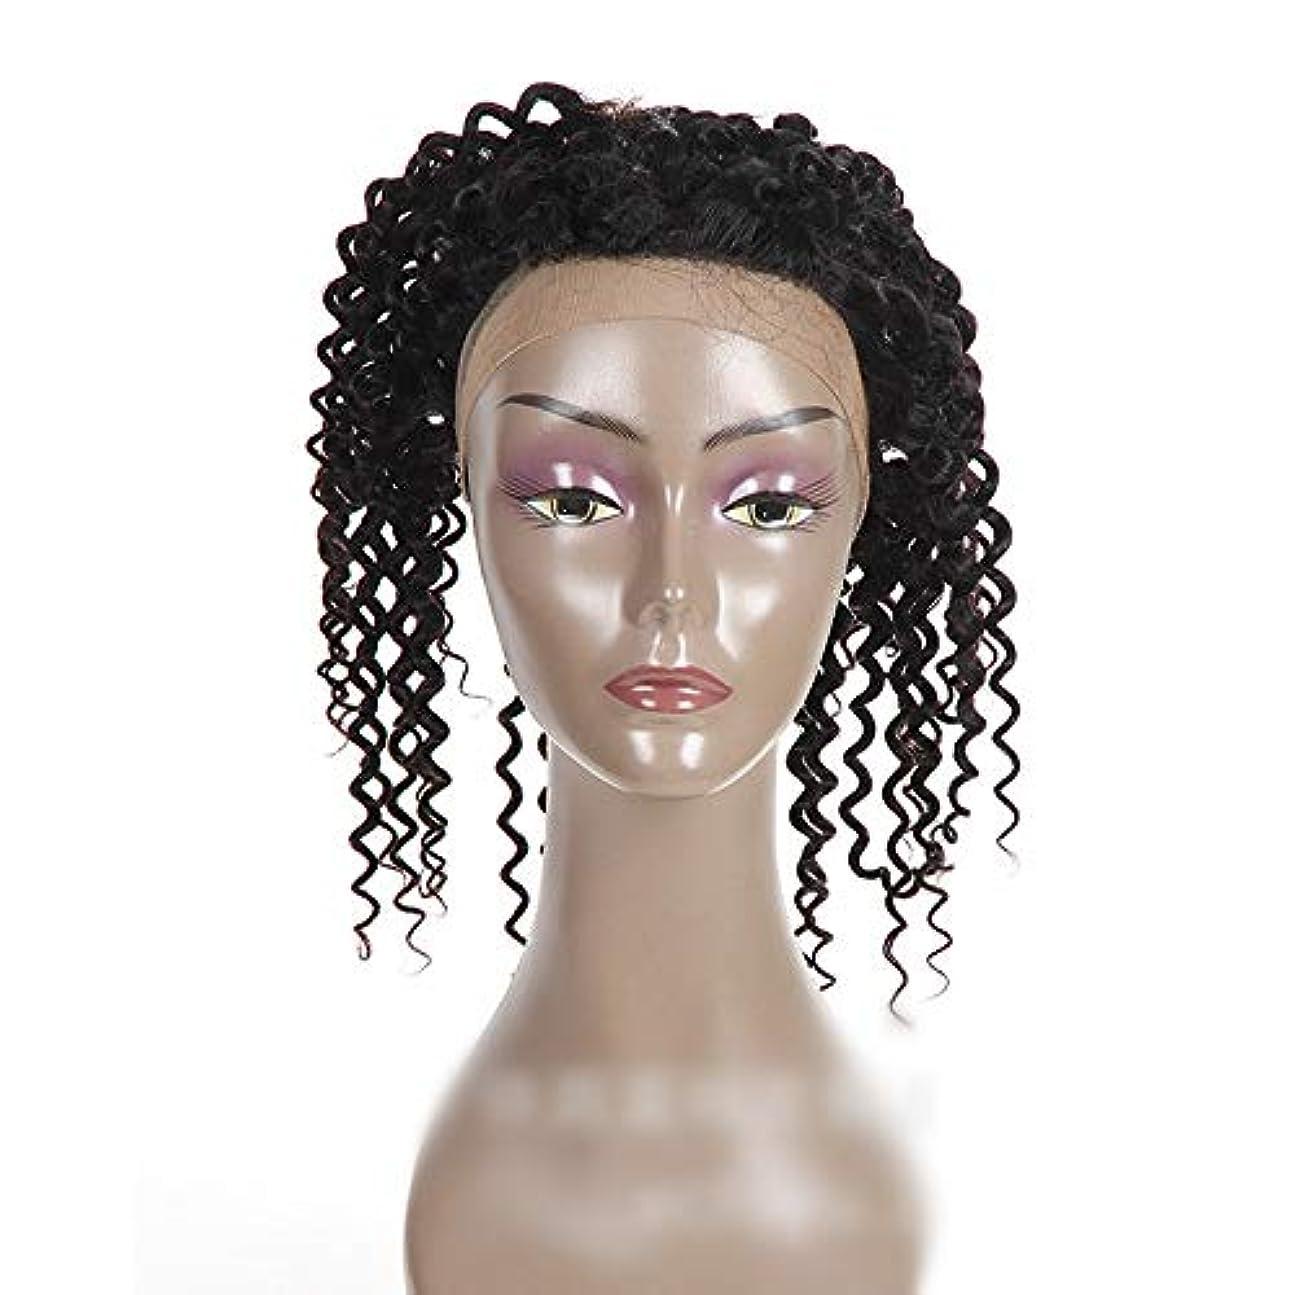 忠実ハンディ狐Mayalina ナチュラルカラー360レース前頭閉鎖ブラジル人間の髪の毛深い波カーリーフリーパートヘアエクステンションショートカーリーウィッグ (色 : 黒, サイズ : 16 inch)